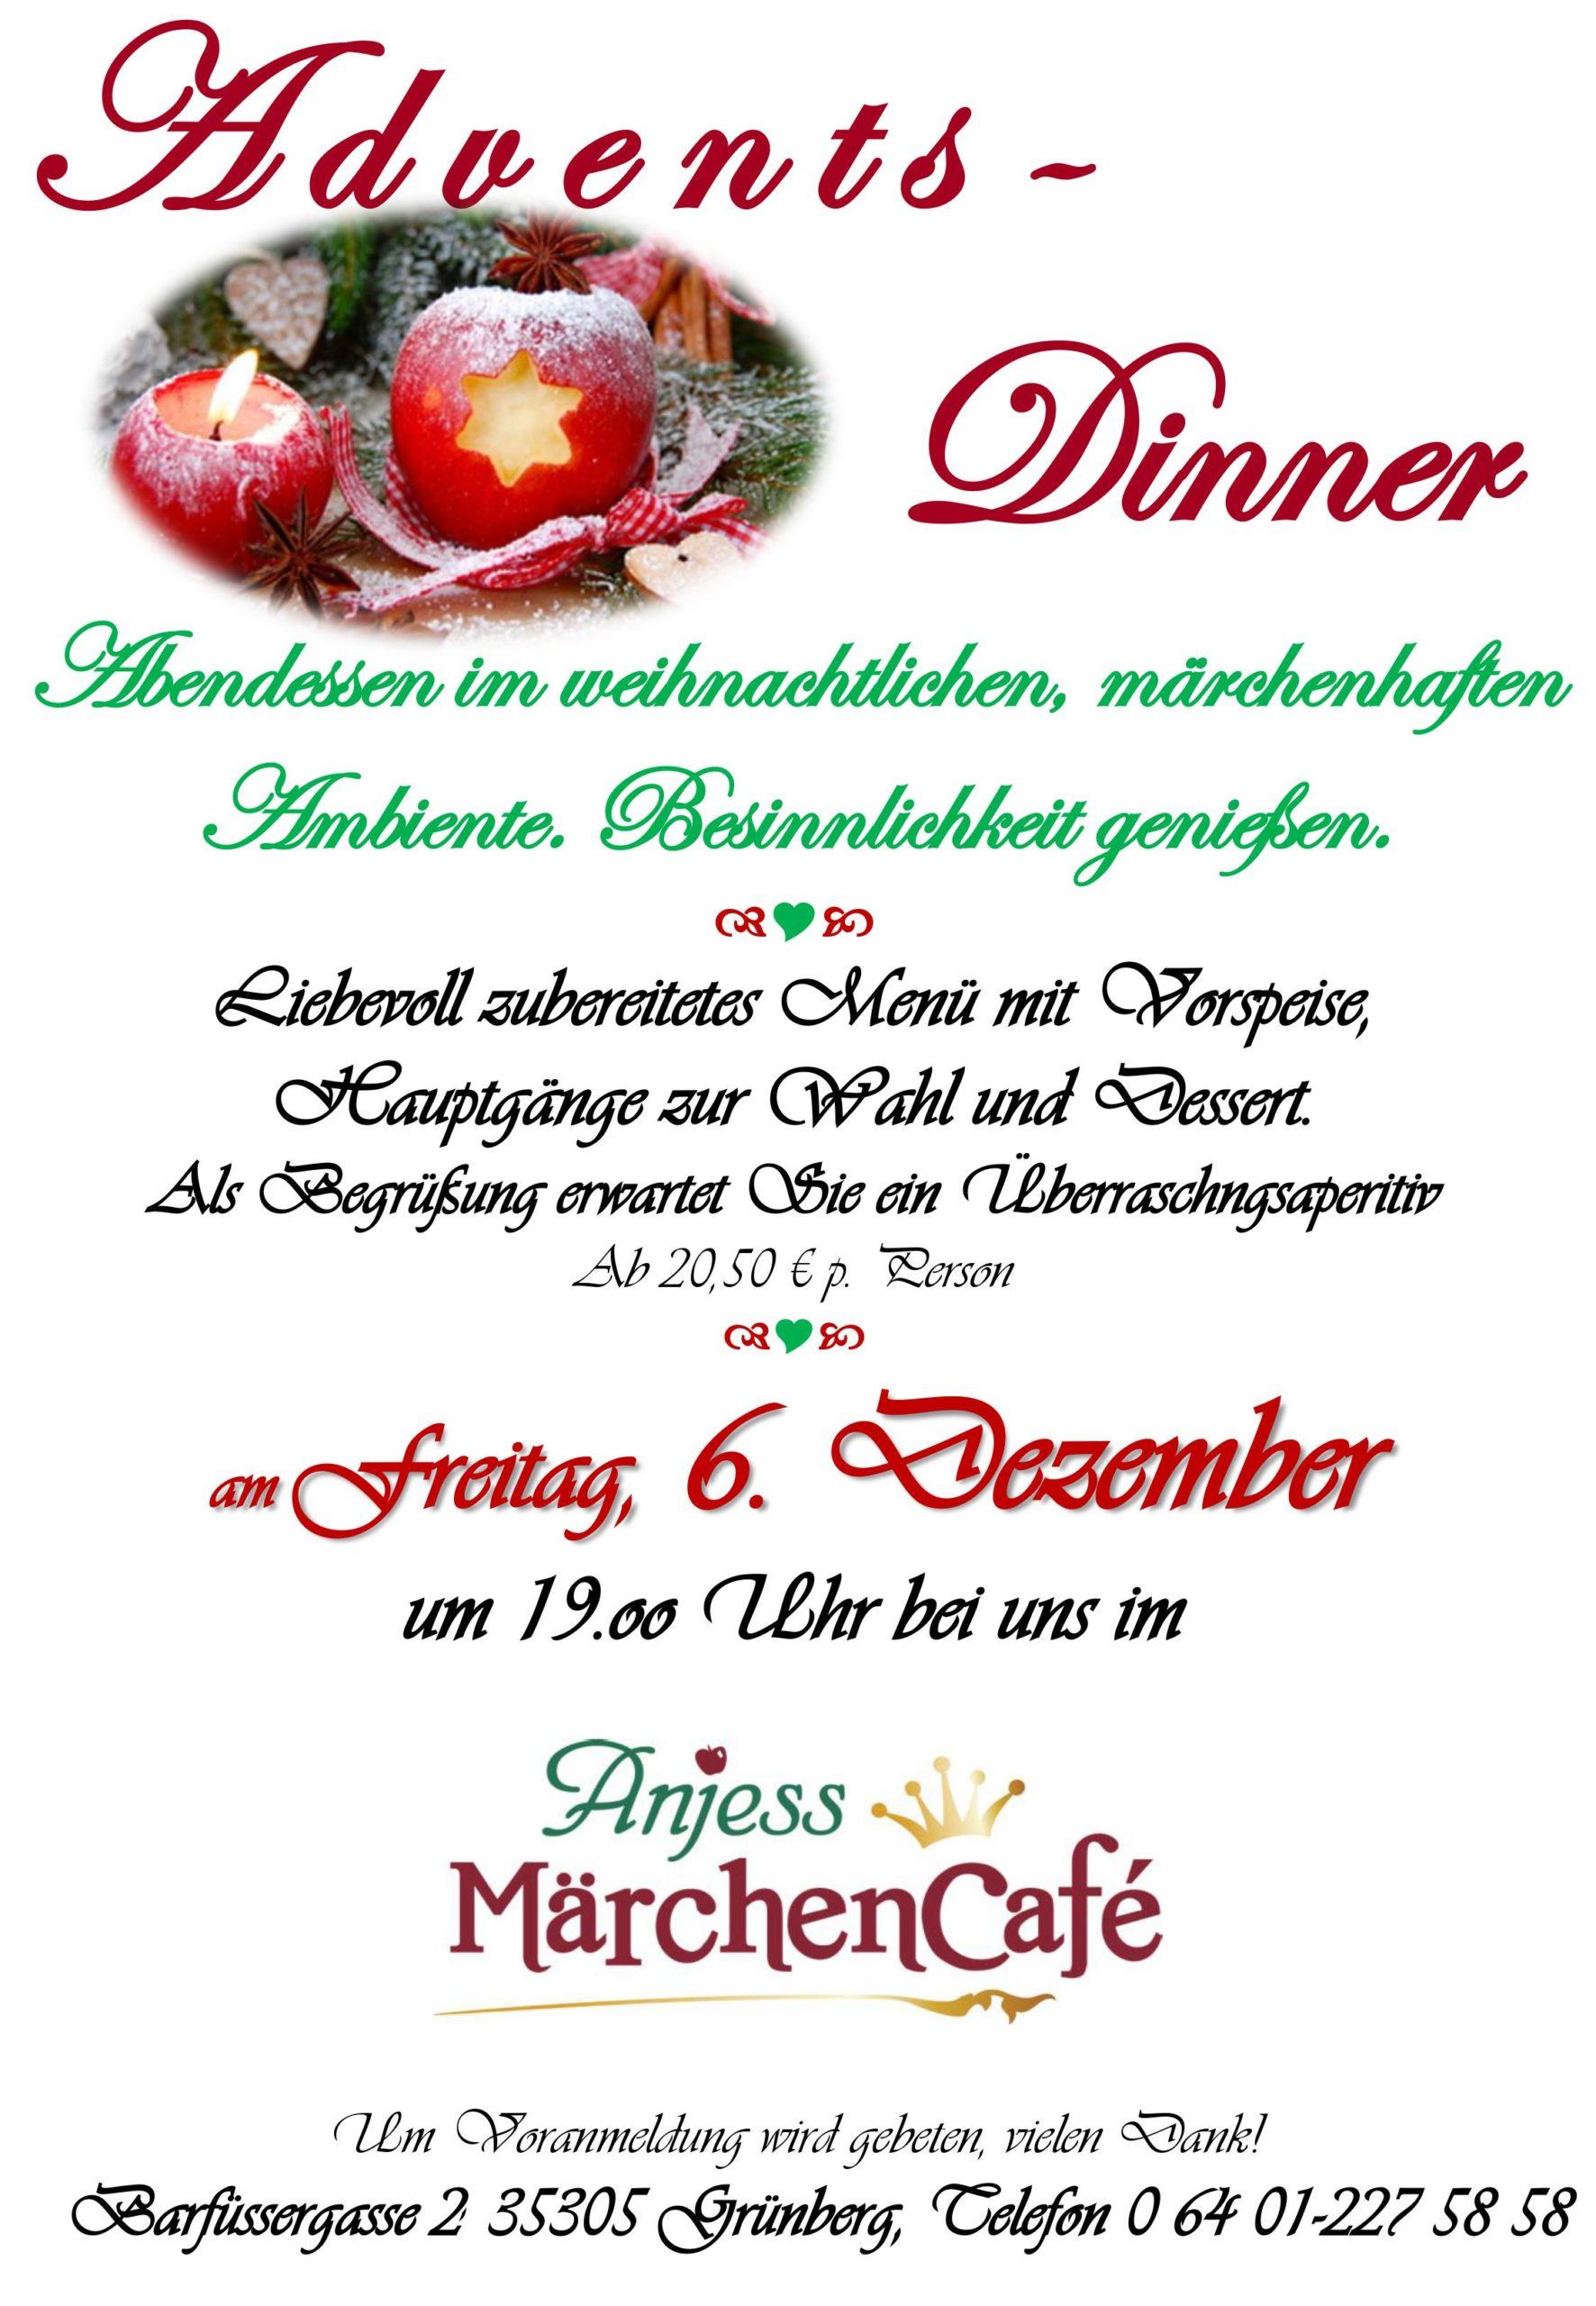 Informationen über das Advents Dinner